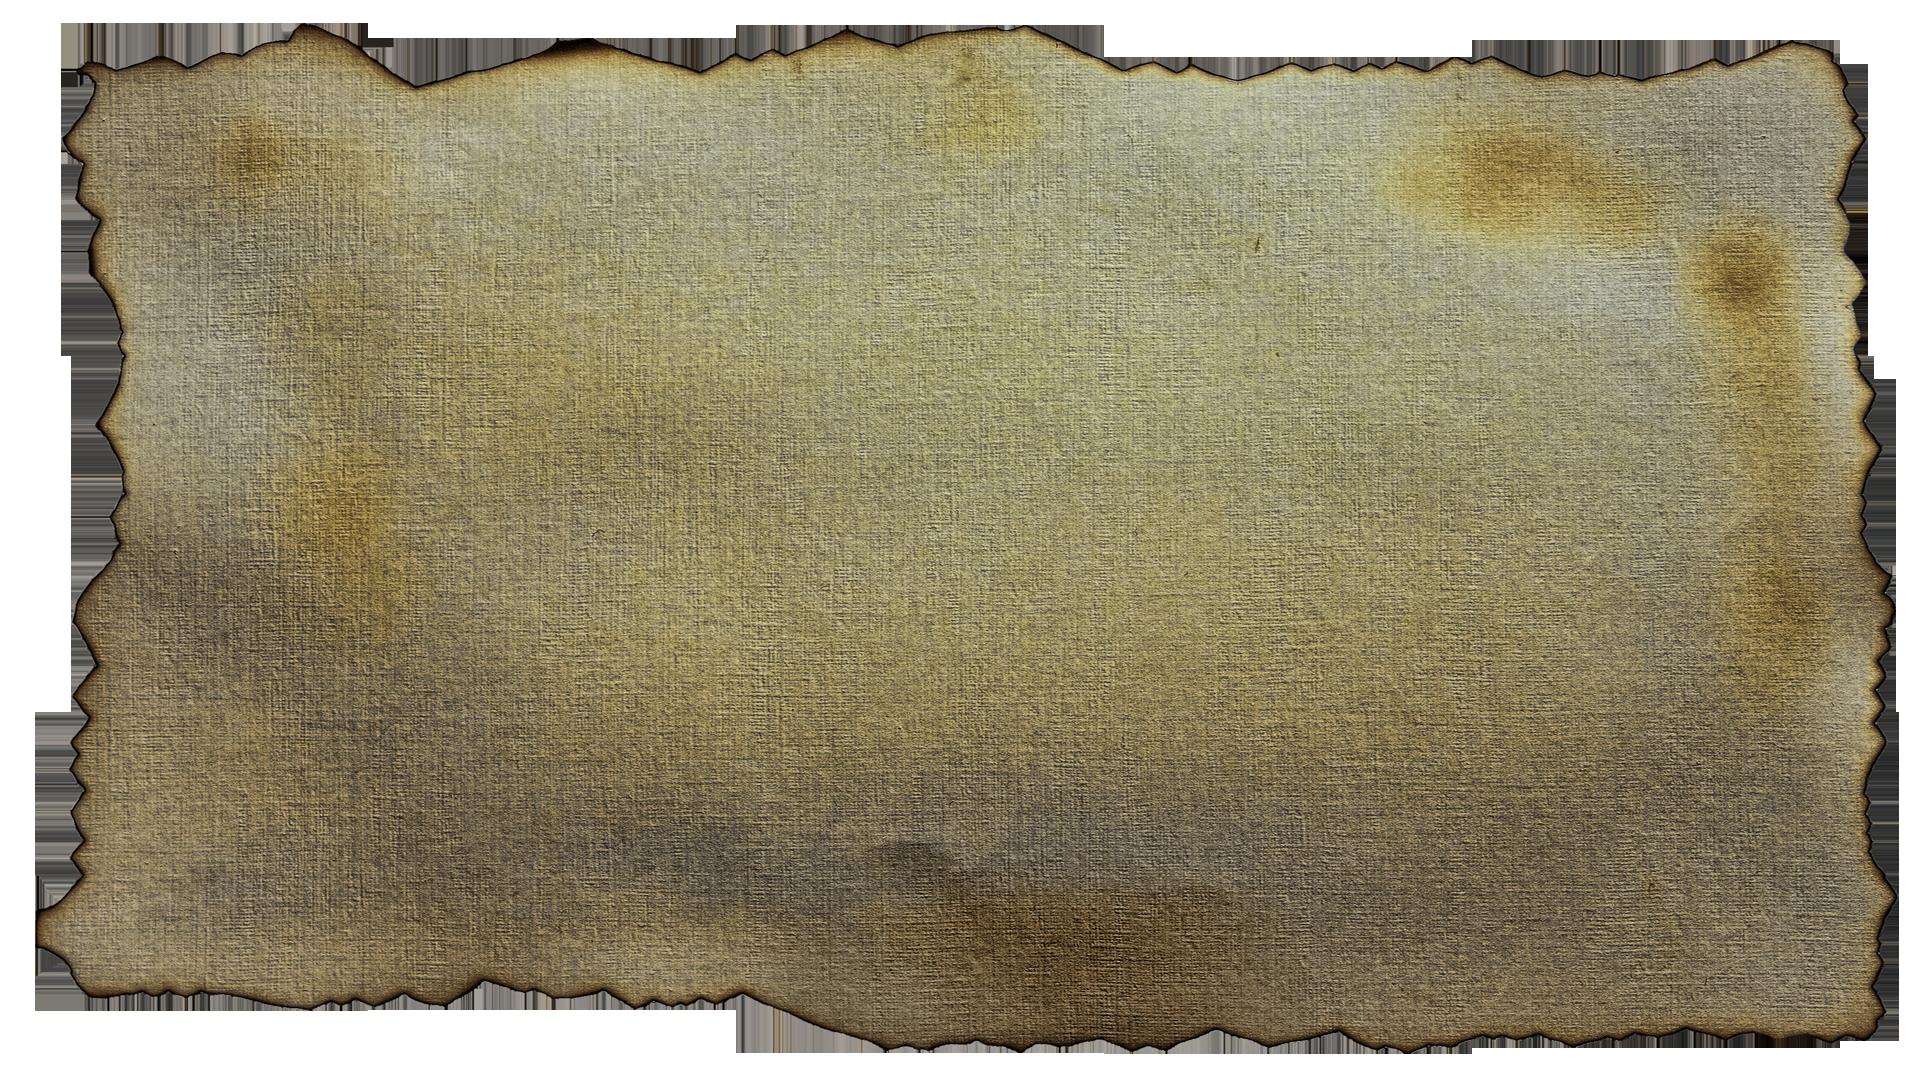 WallpaperSafari